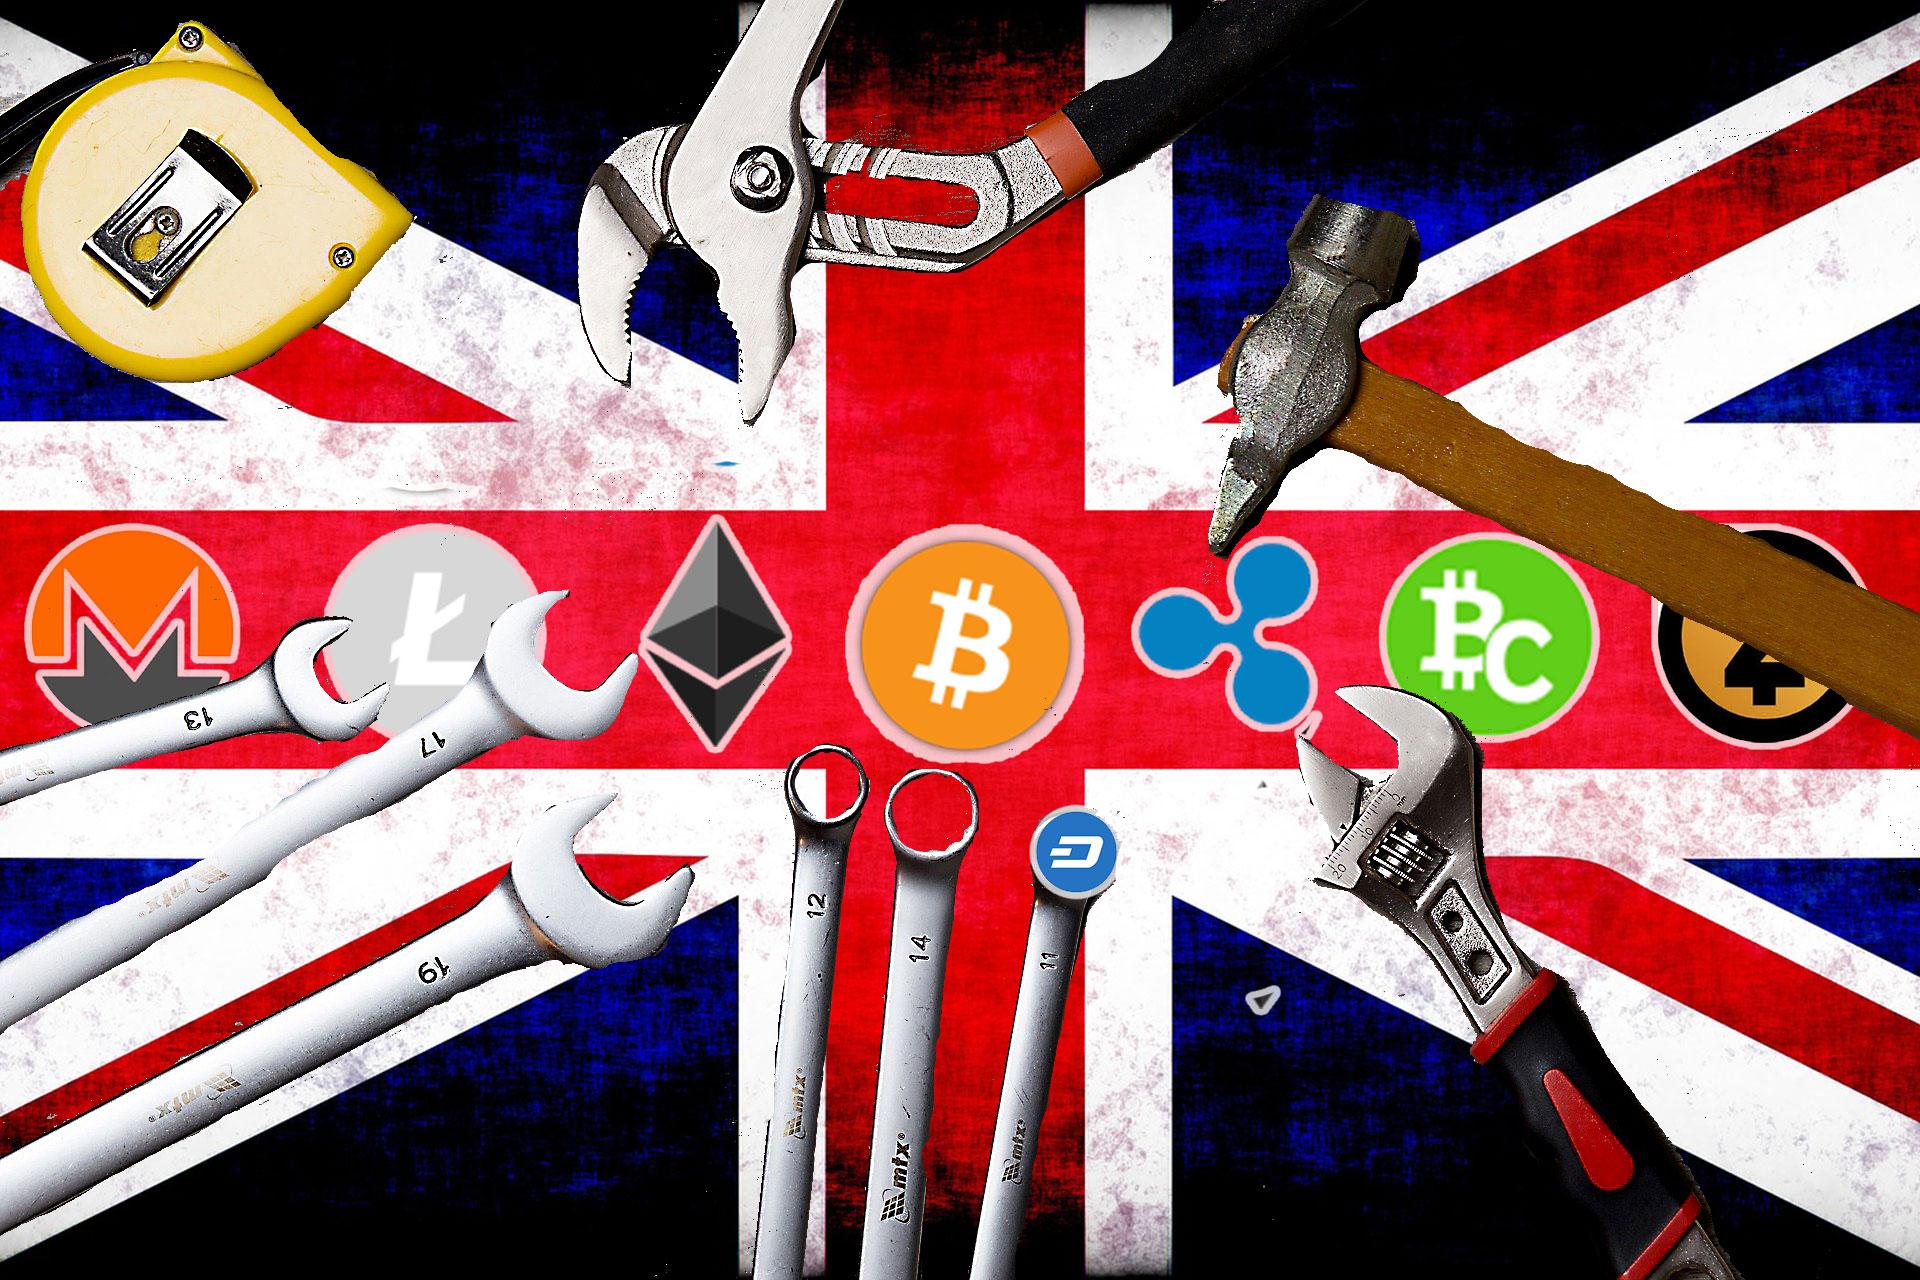 英国歳入関税庁、サイバー犯罪者に向けて「仮想通貨ブロックチェーン分析ツール」の導入計画